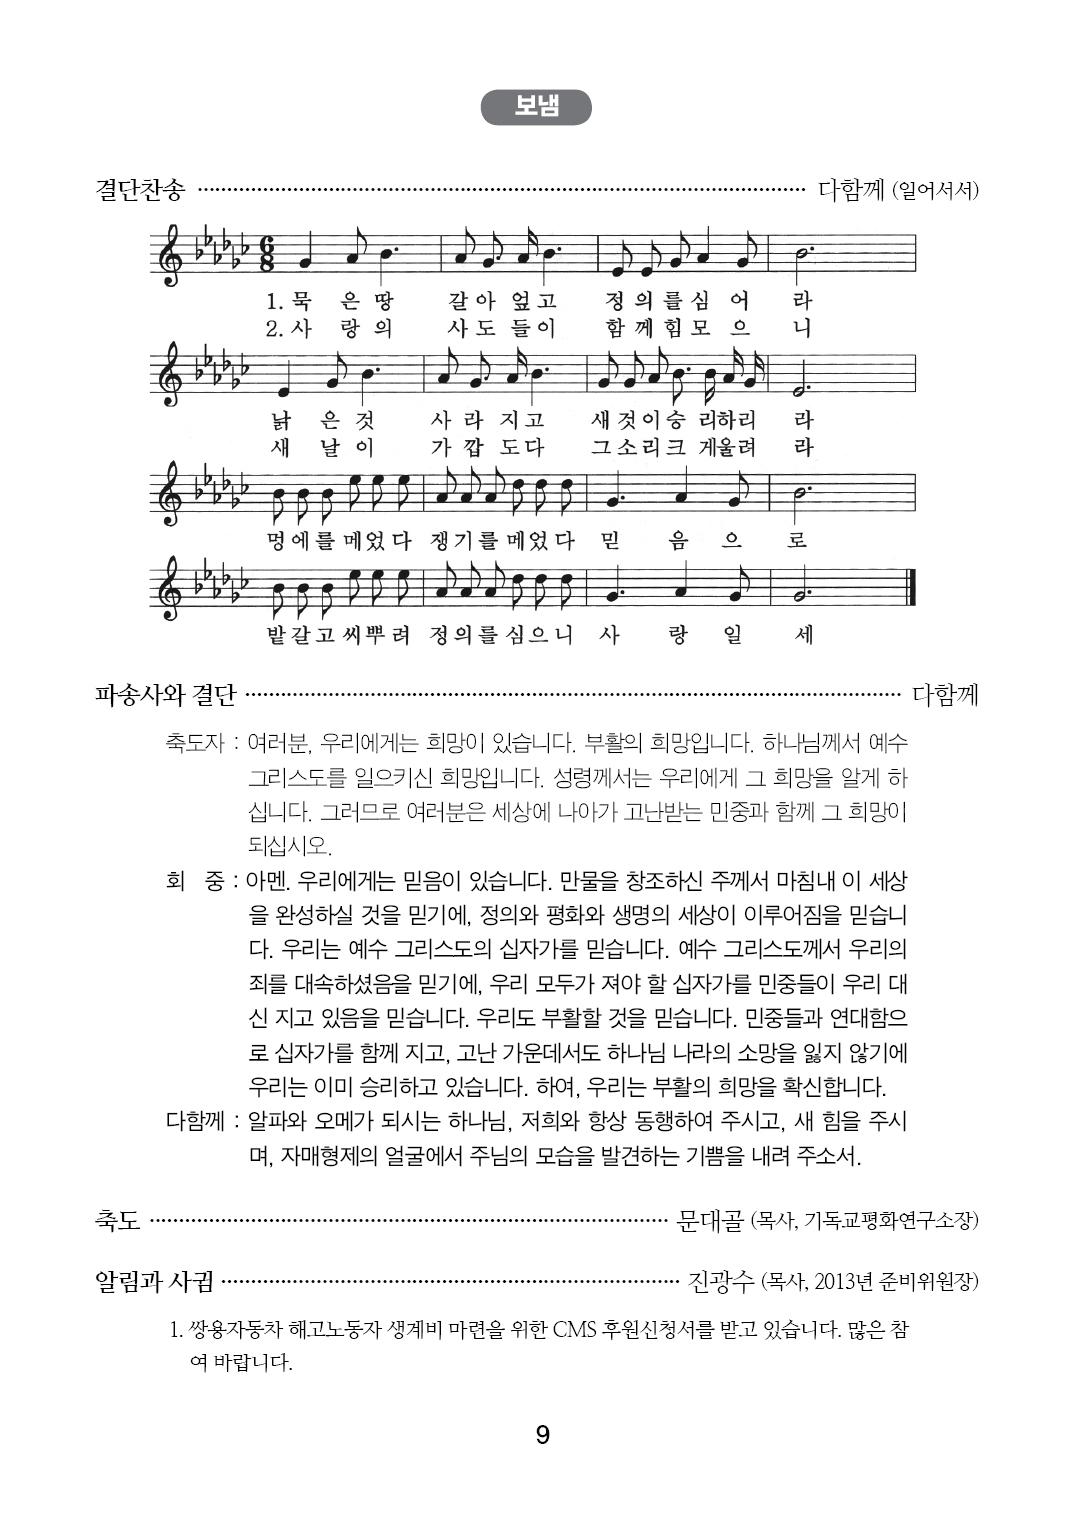 2013부활절연합예배_순서지9.jpg